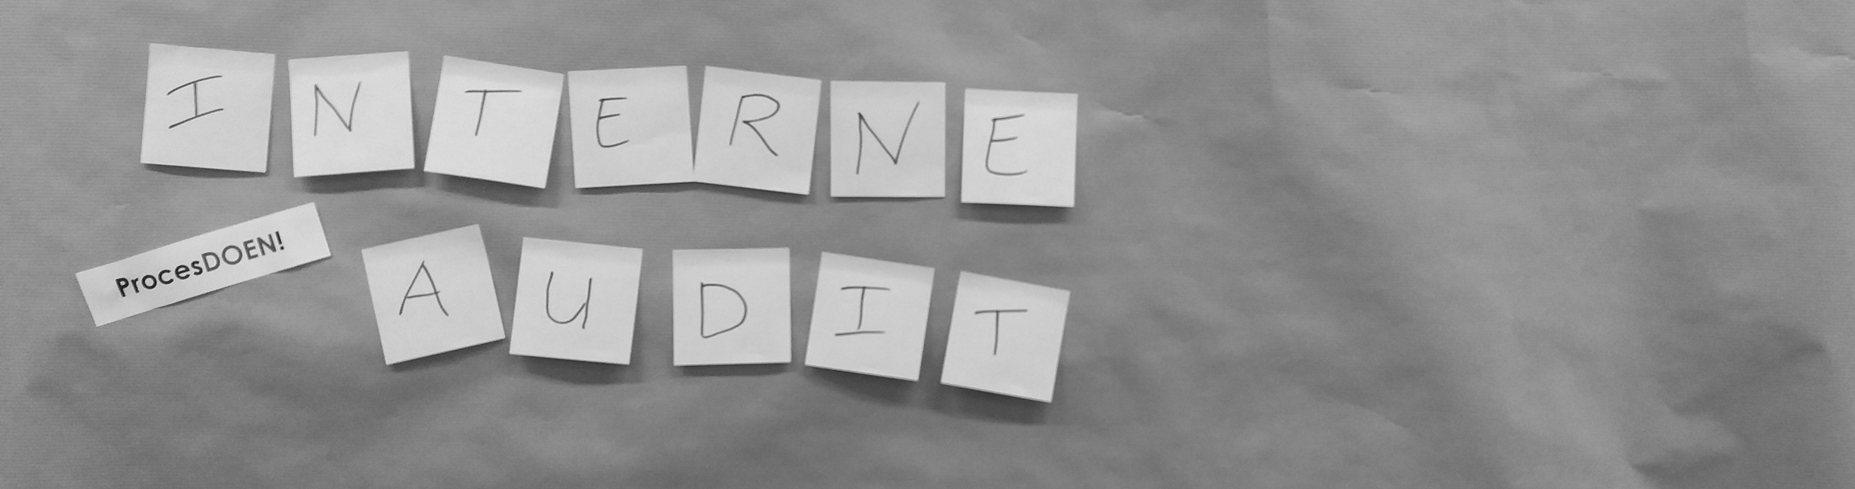 Workshop – Interne audit met Brown Paper